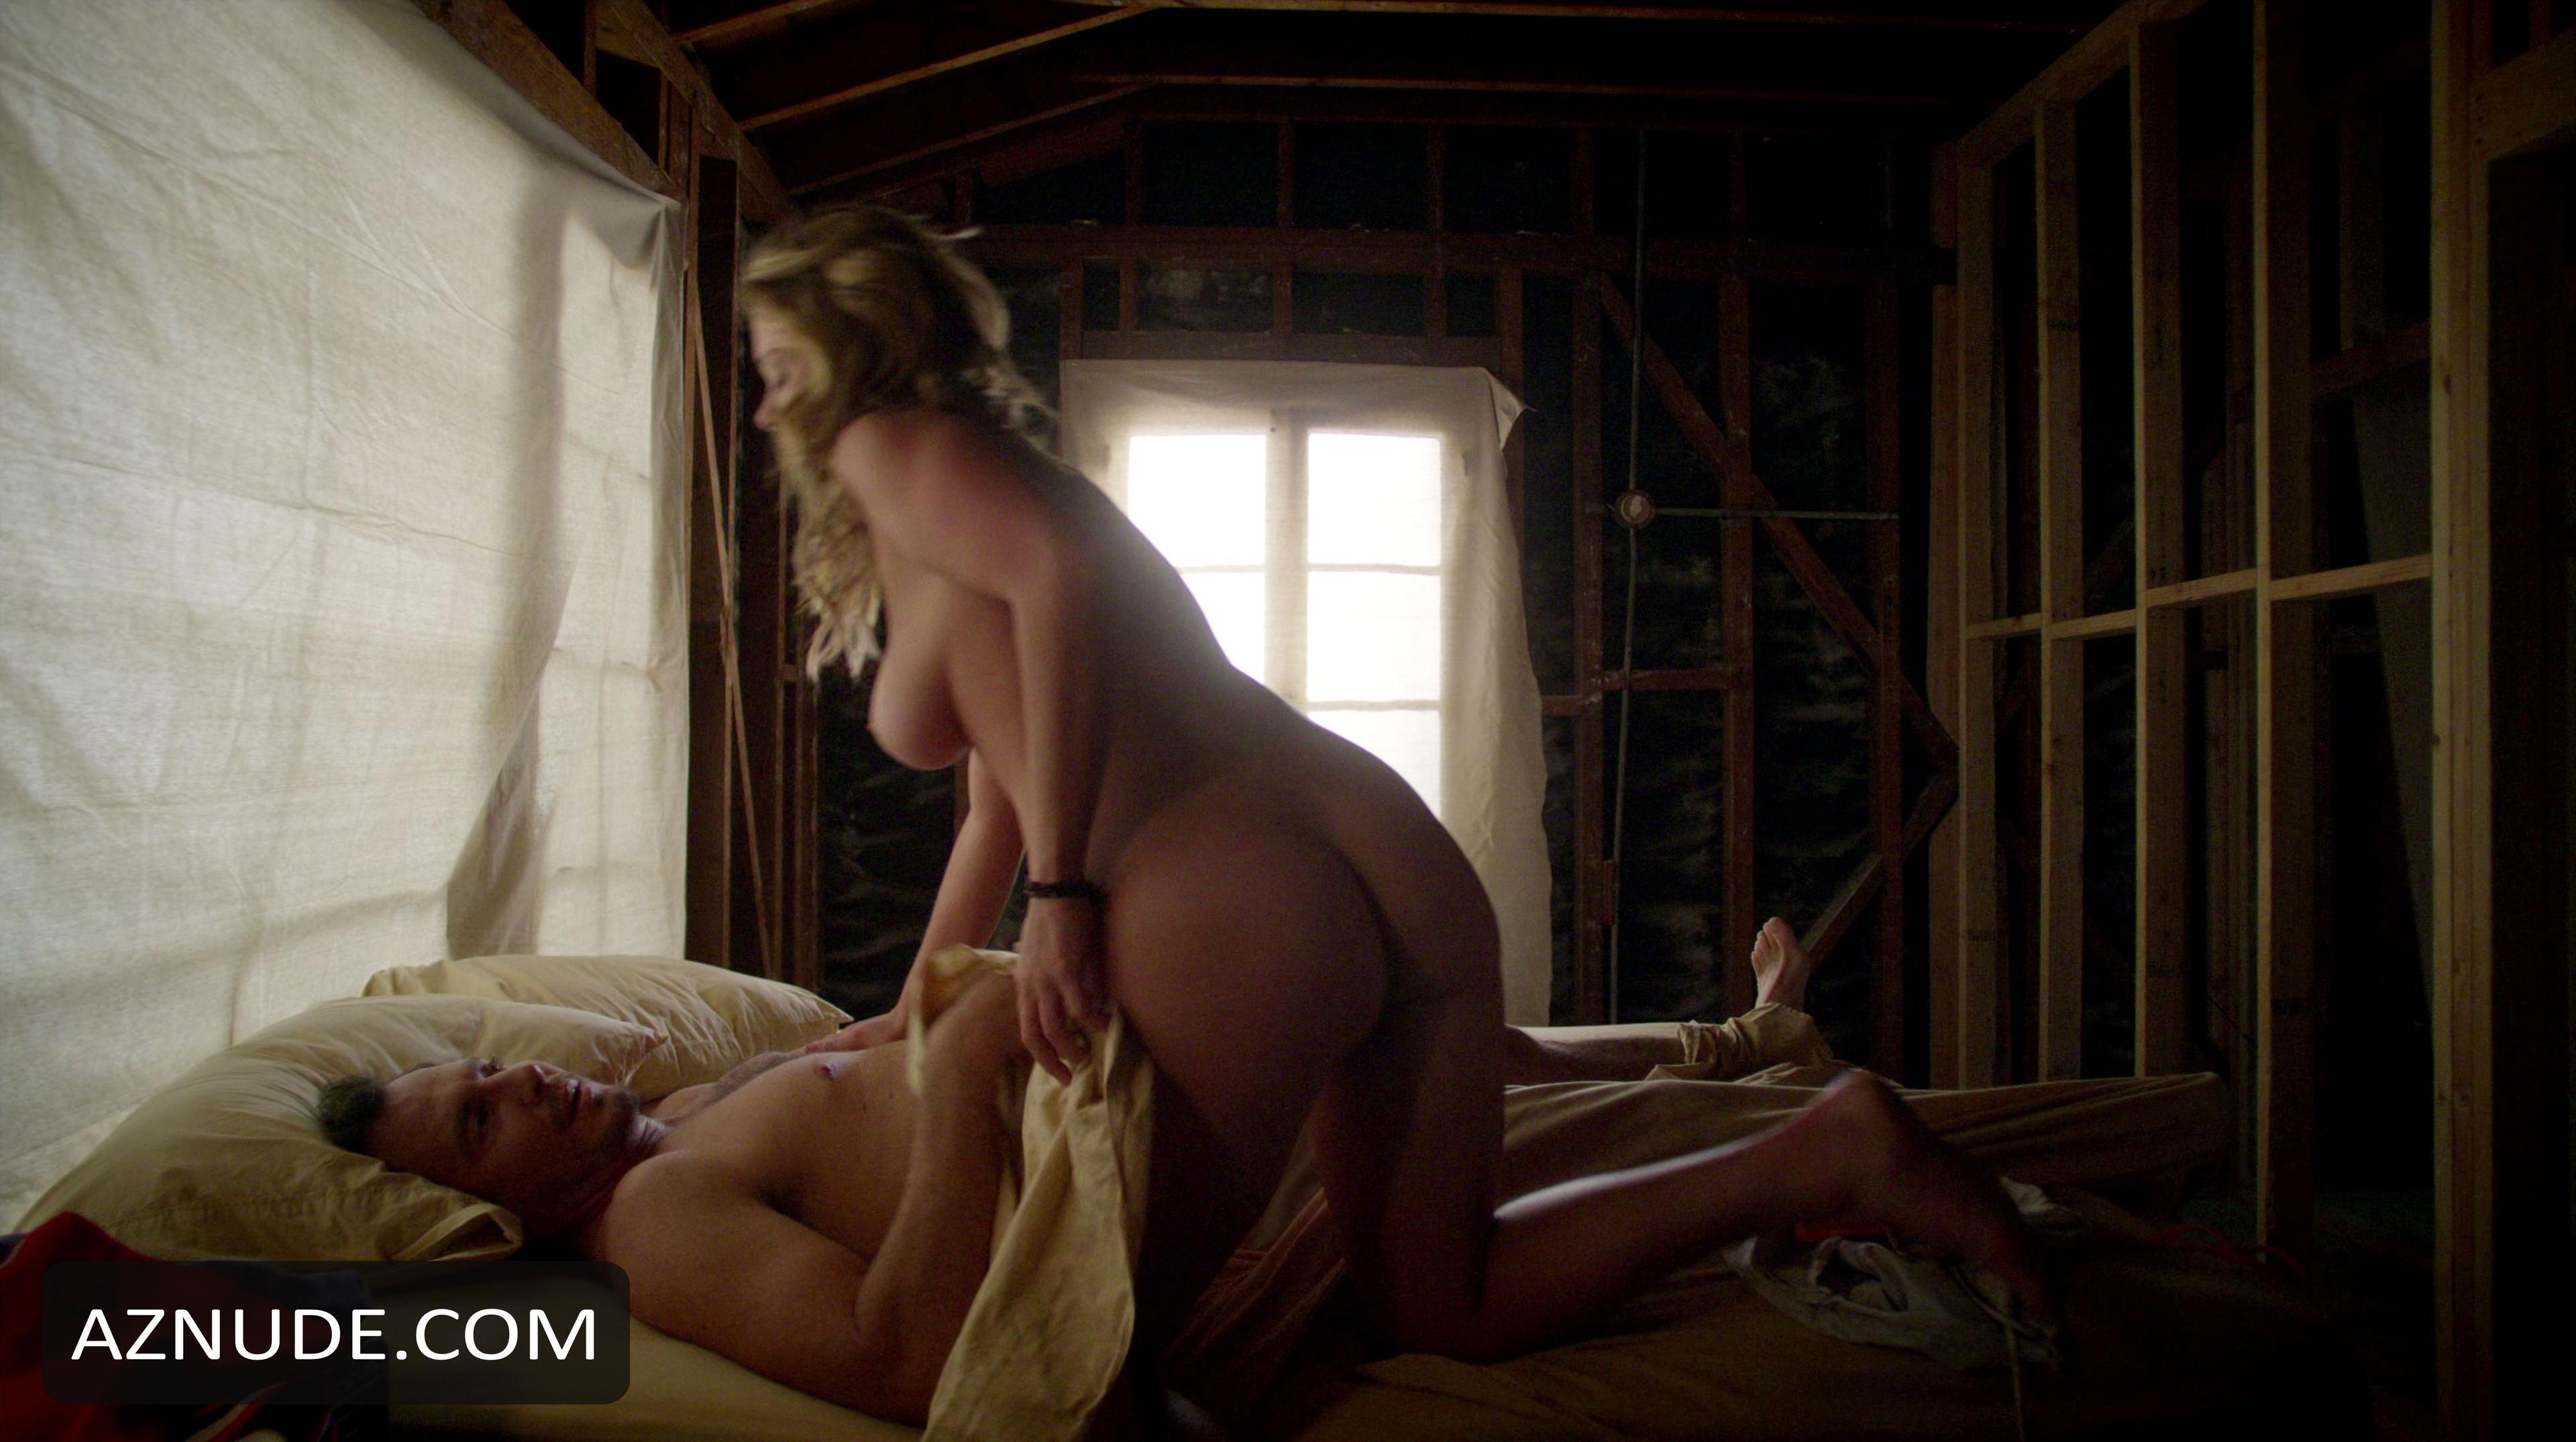 Bhanwari devi sex tape nude pic